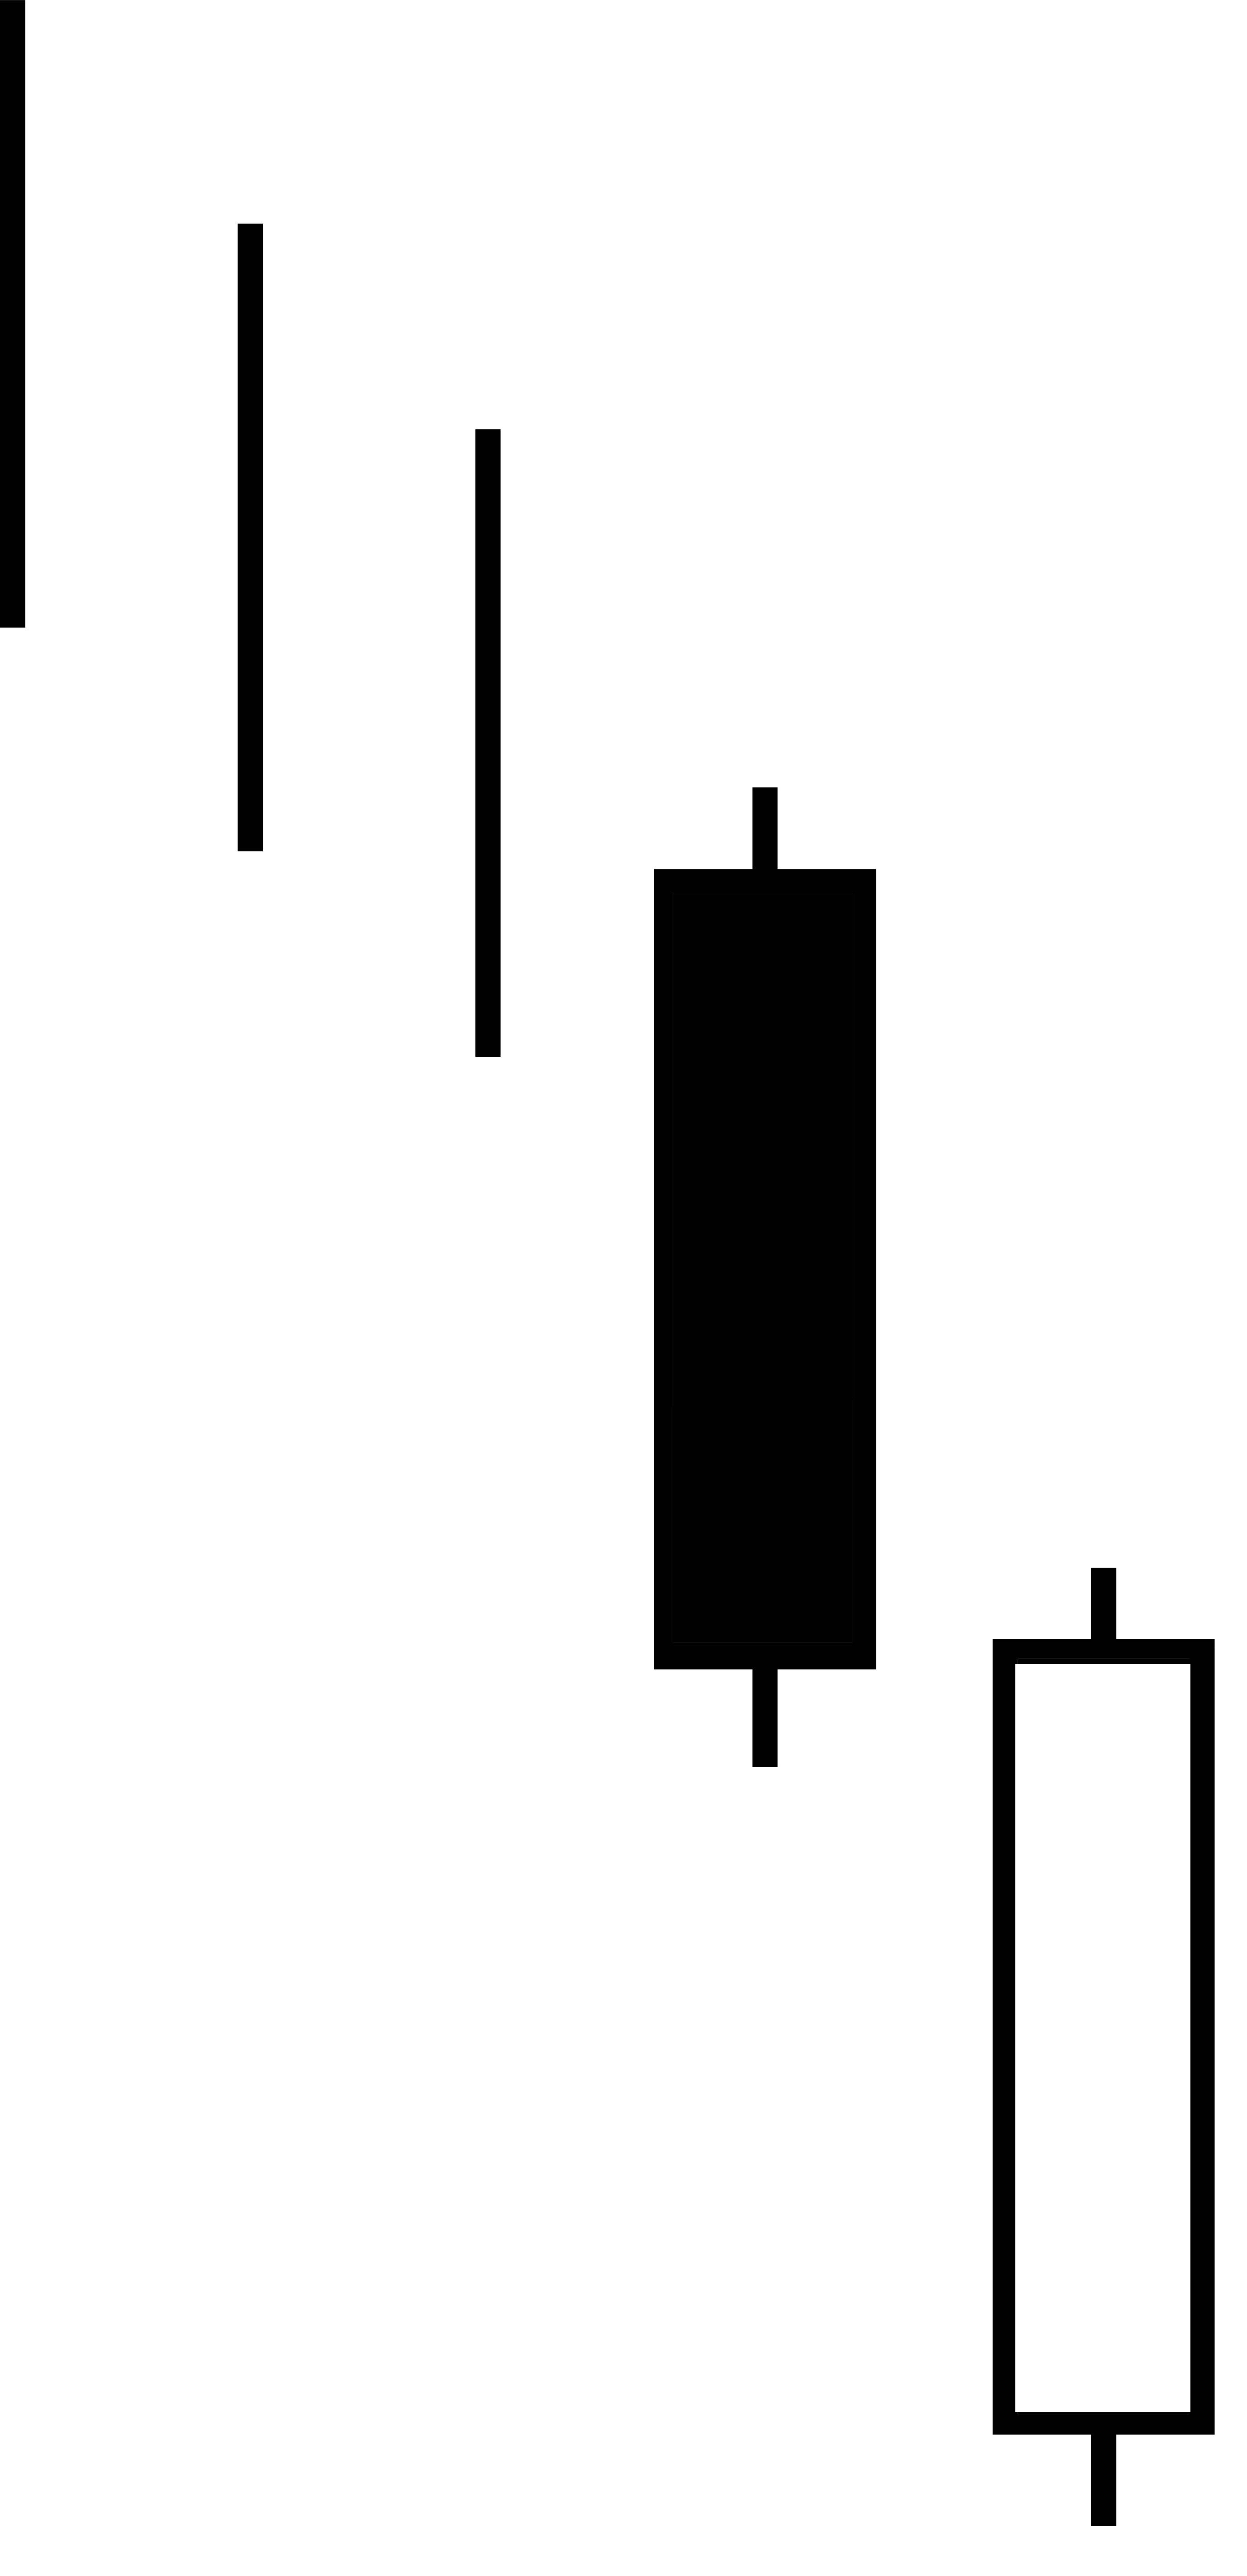 Candlestick Charts: Candlestick pattern bearish in neck.jpg - Wikimedia Commons,Chart